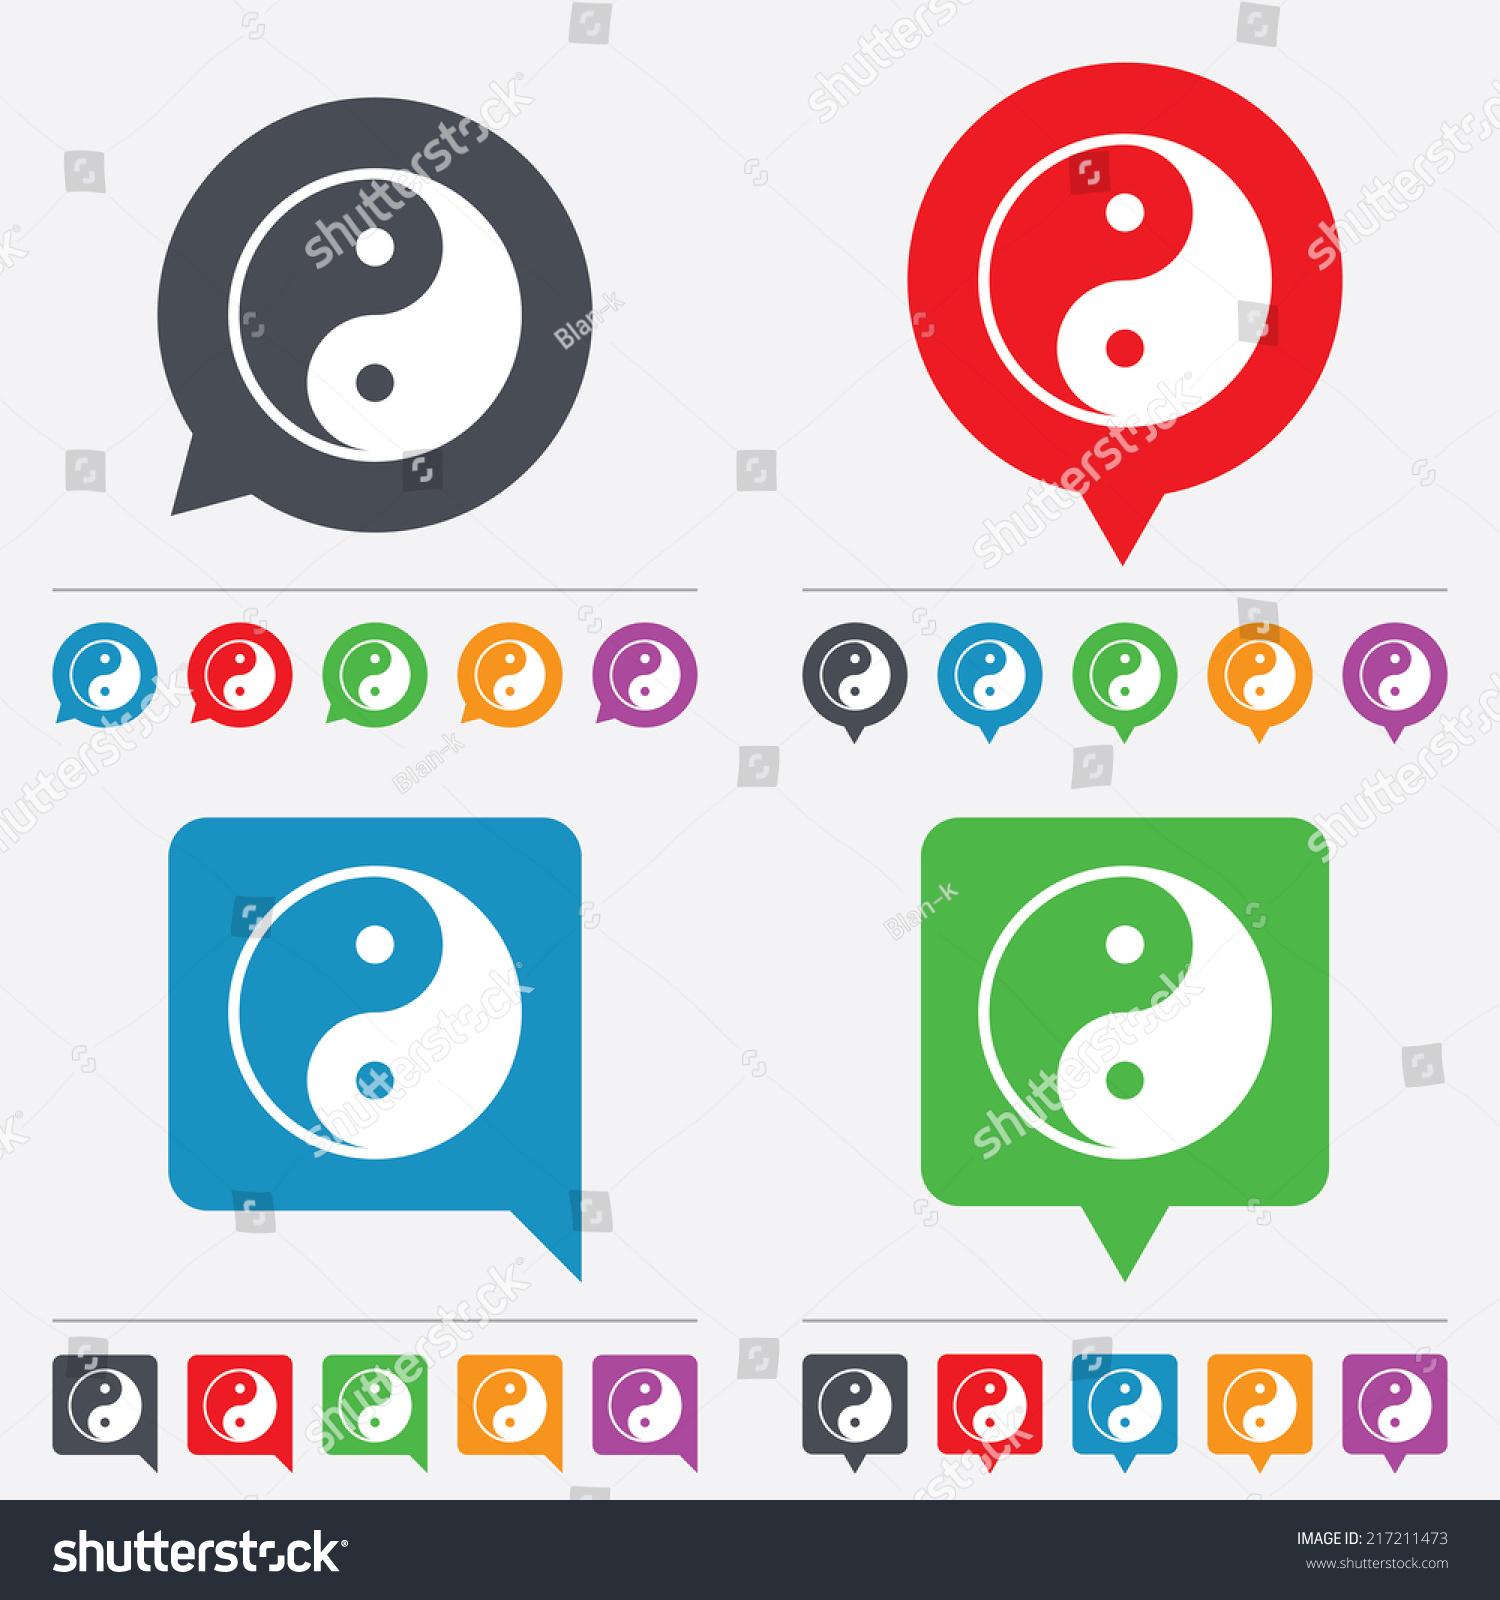 Yin and yang symbol keyboard image collections symbol and sign ideas ying yang sign icon harmony balance stock vector 217211473 ying yang sign icon harmony and balance buycottarizona Choice Image